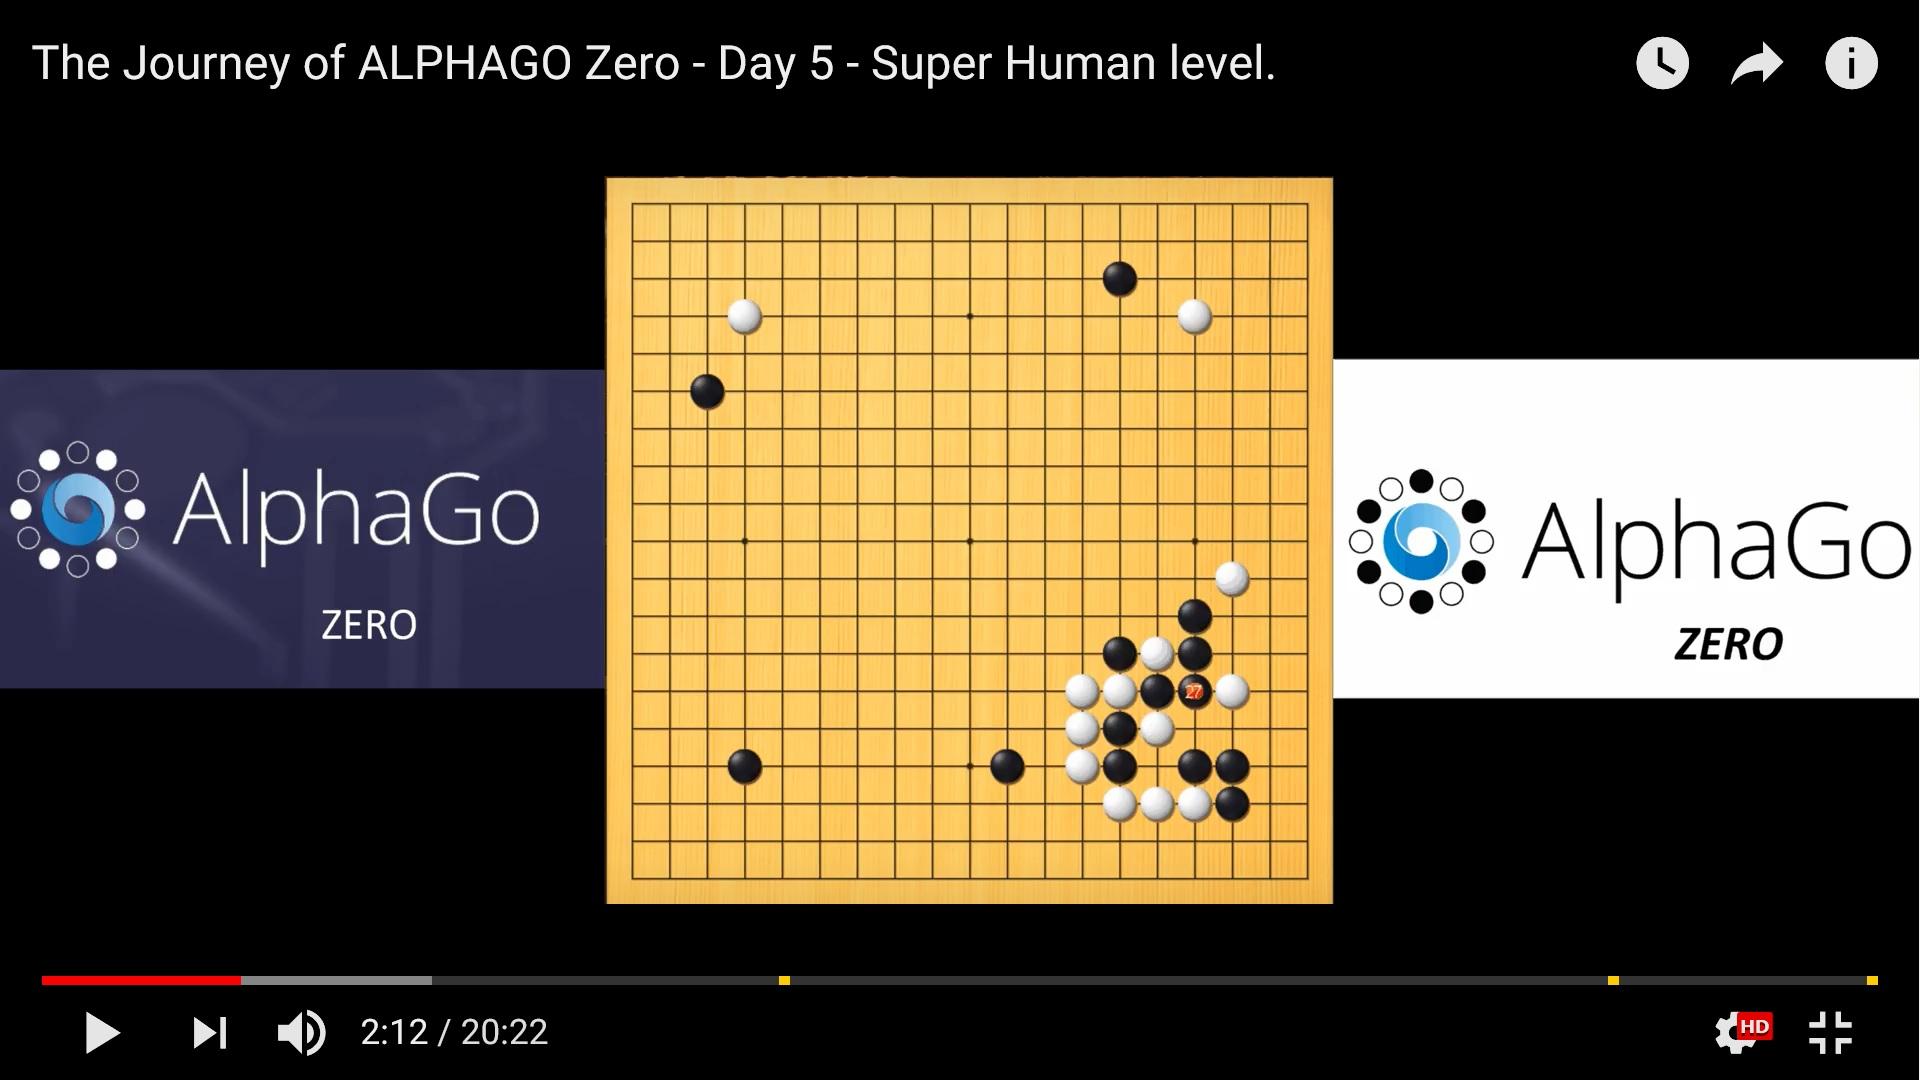 AlphaGo ZERO 5